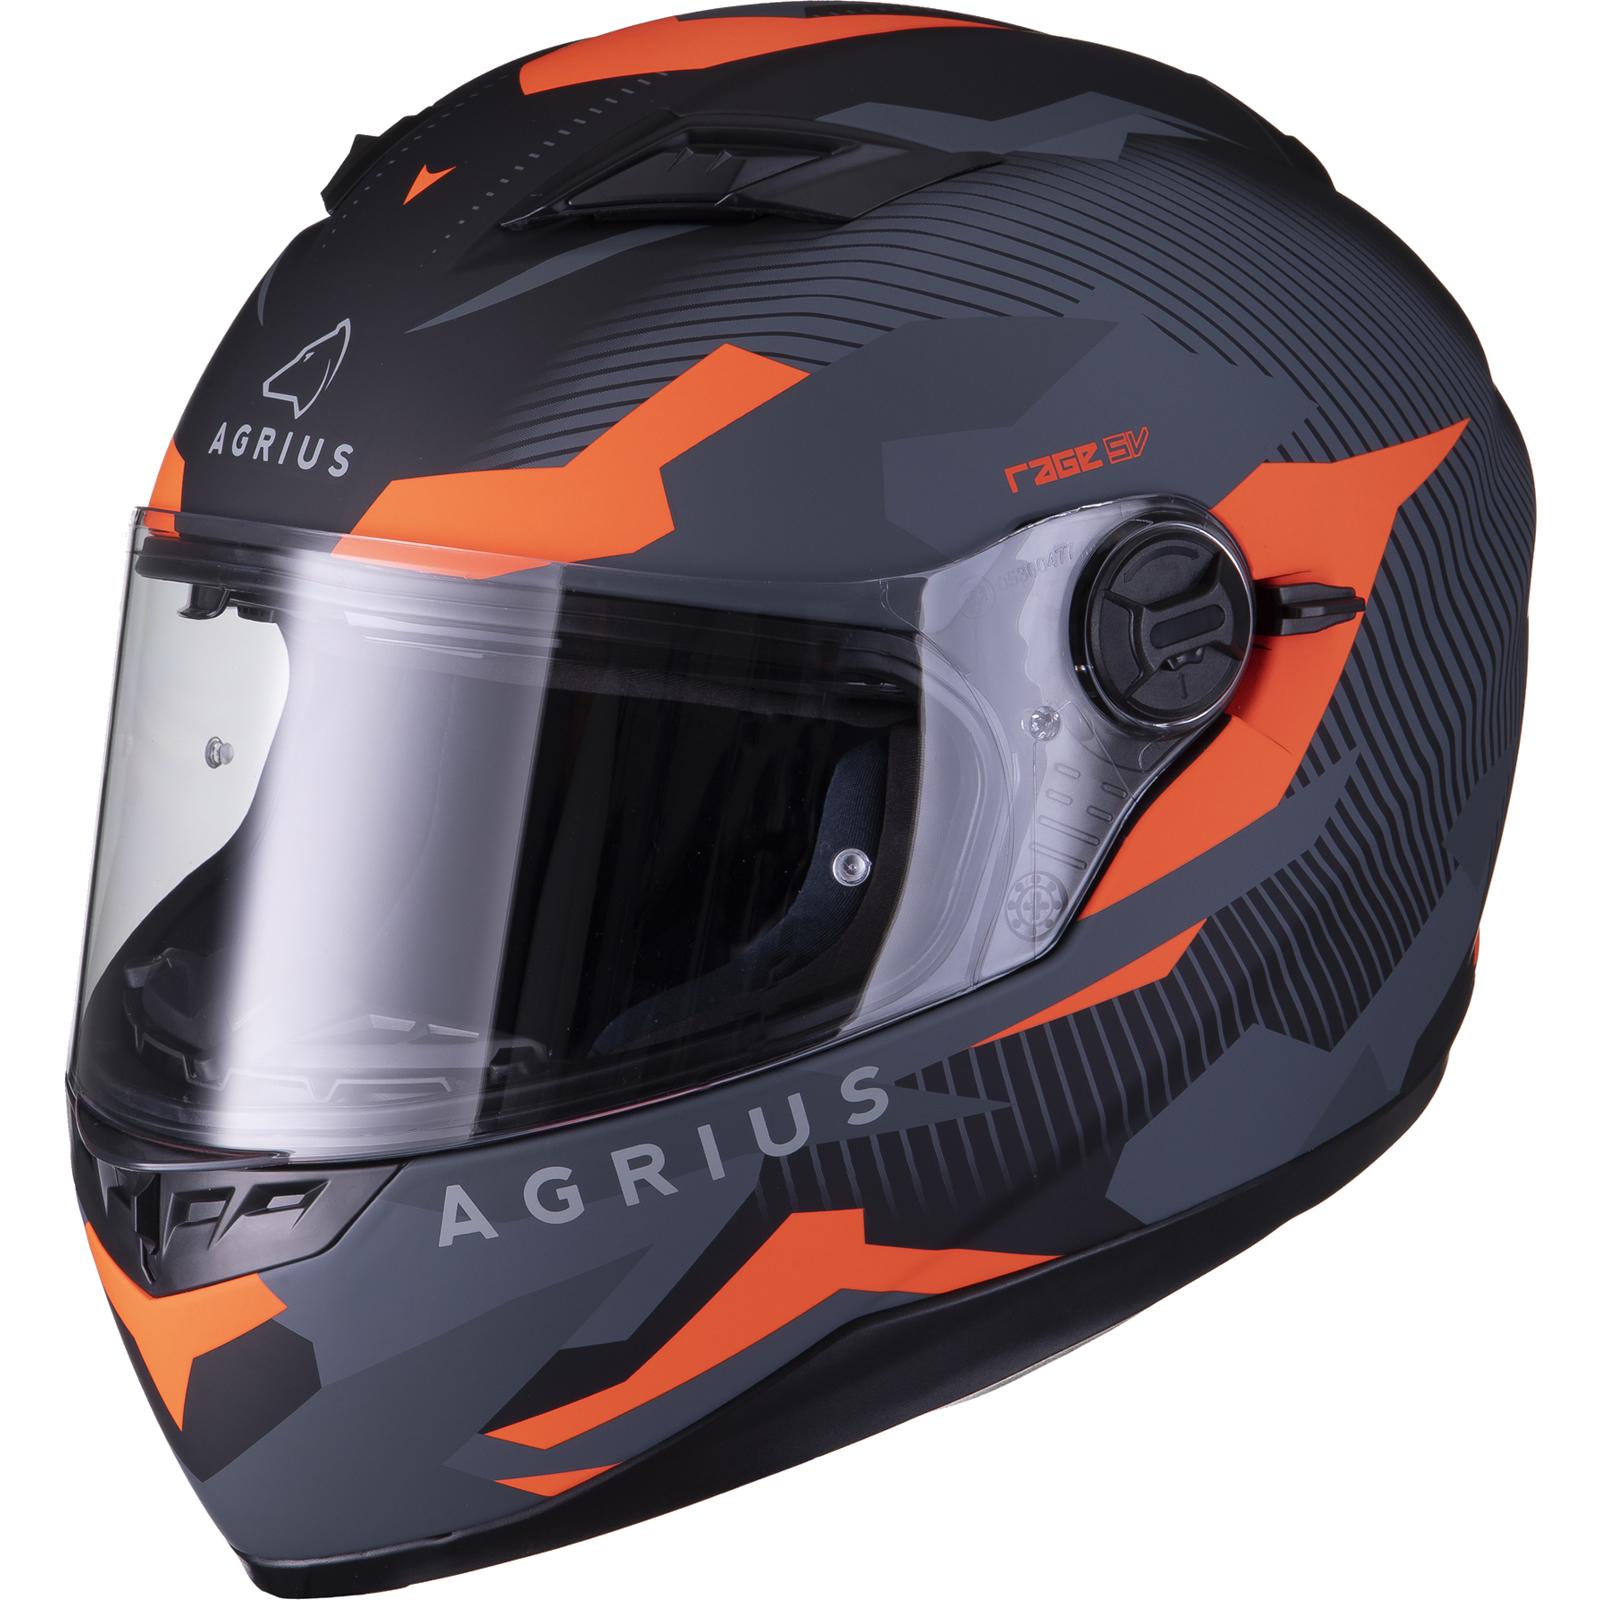 Agrius-Rage-SV-Tracker-Full-Face-Motorcycle-Matt-Helmet-bike-Road-Bike-Scooter thumbnail 28